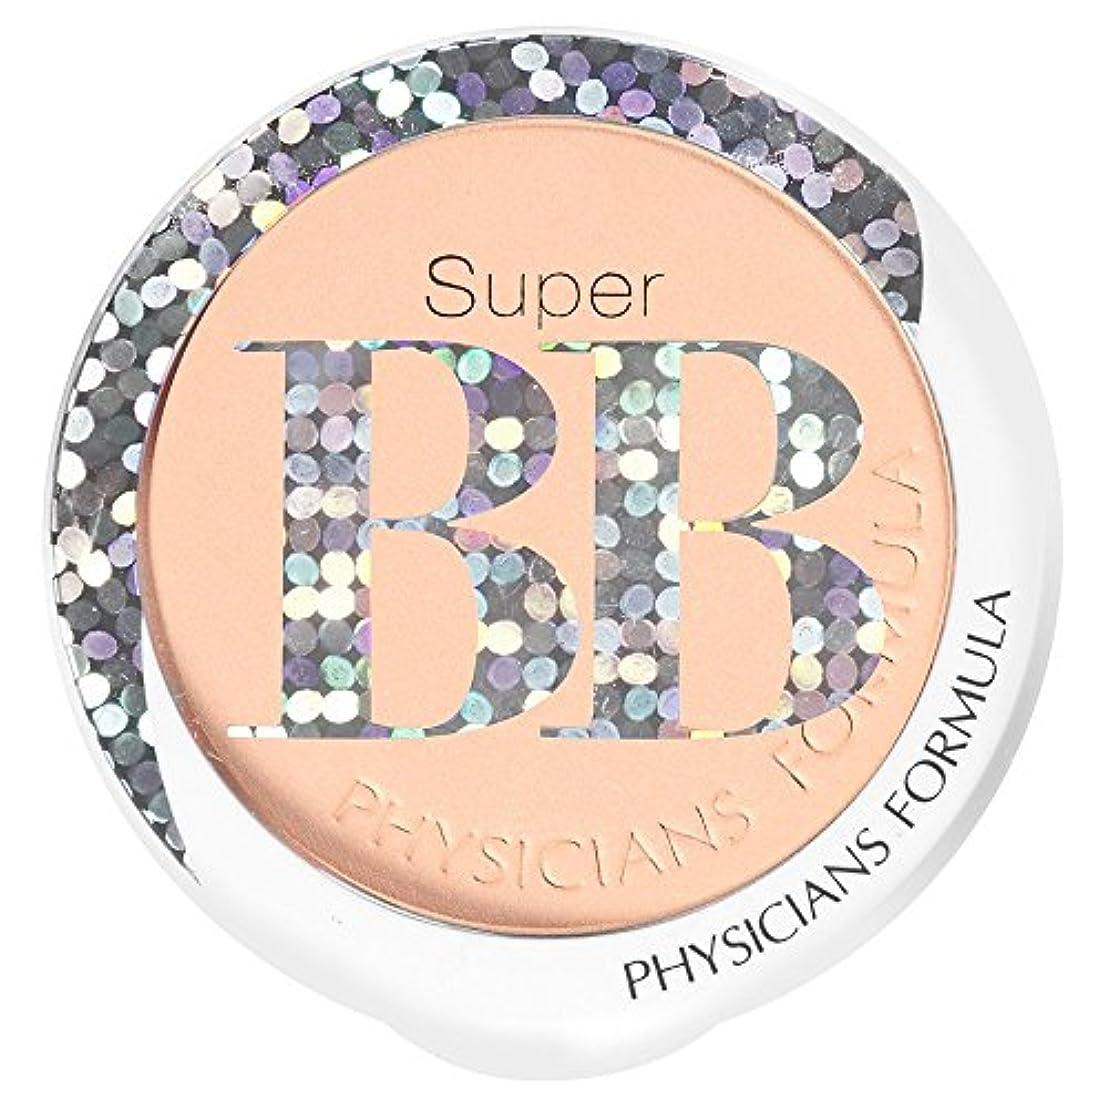 の慈悲で頑丈ジャンピングジャックスーパーBBビューティバームパウダー SBP01